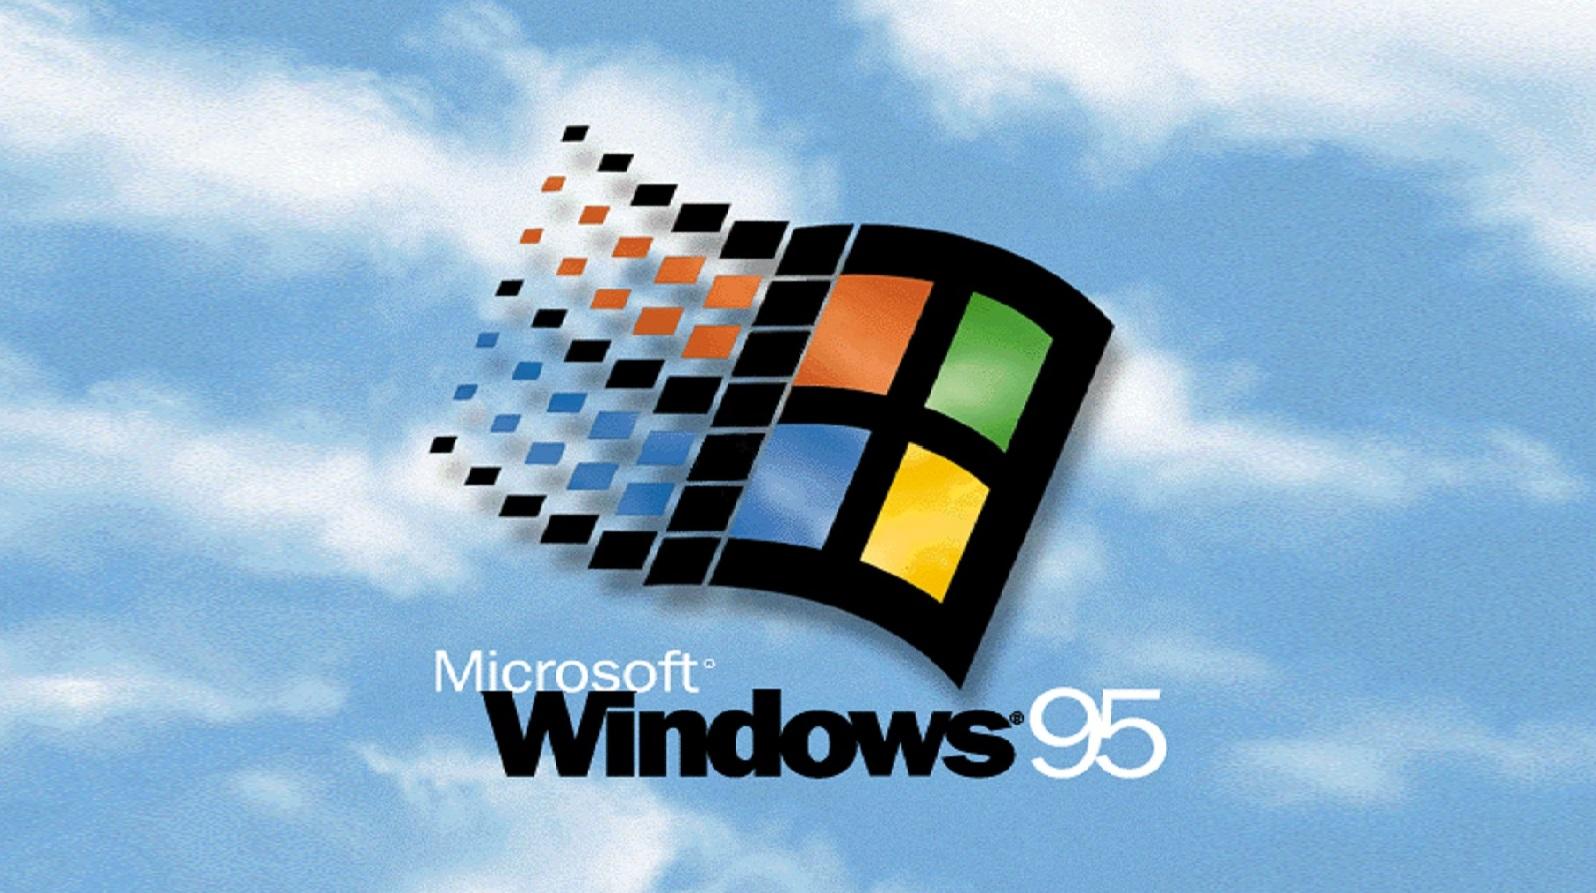 48 Original Windows 95 Wallpaper On Wallpapersafari